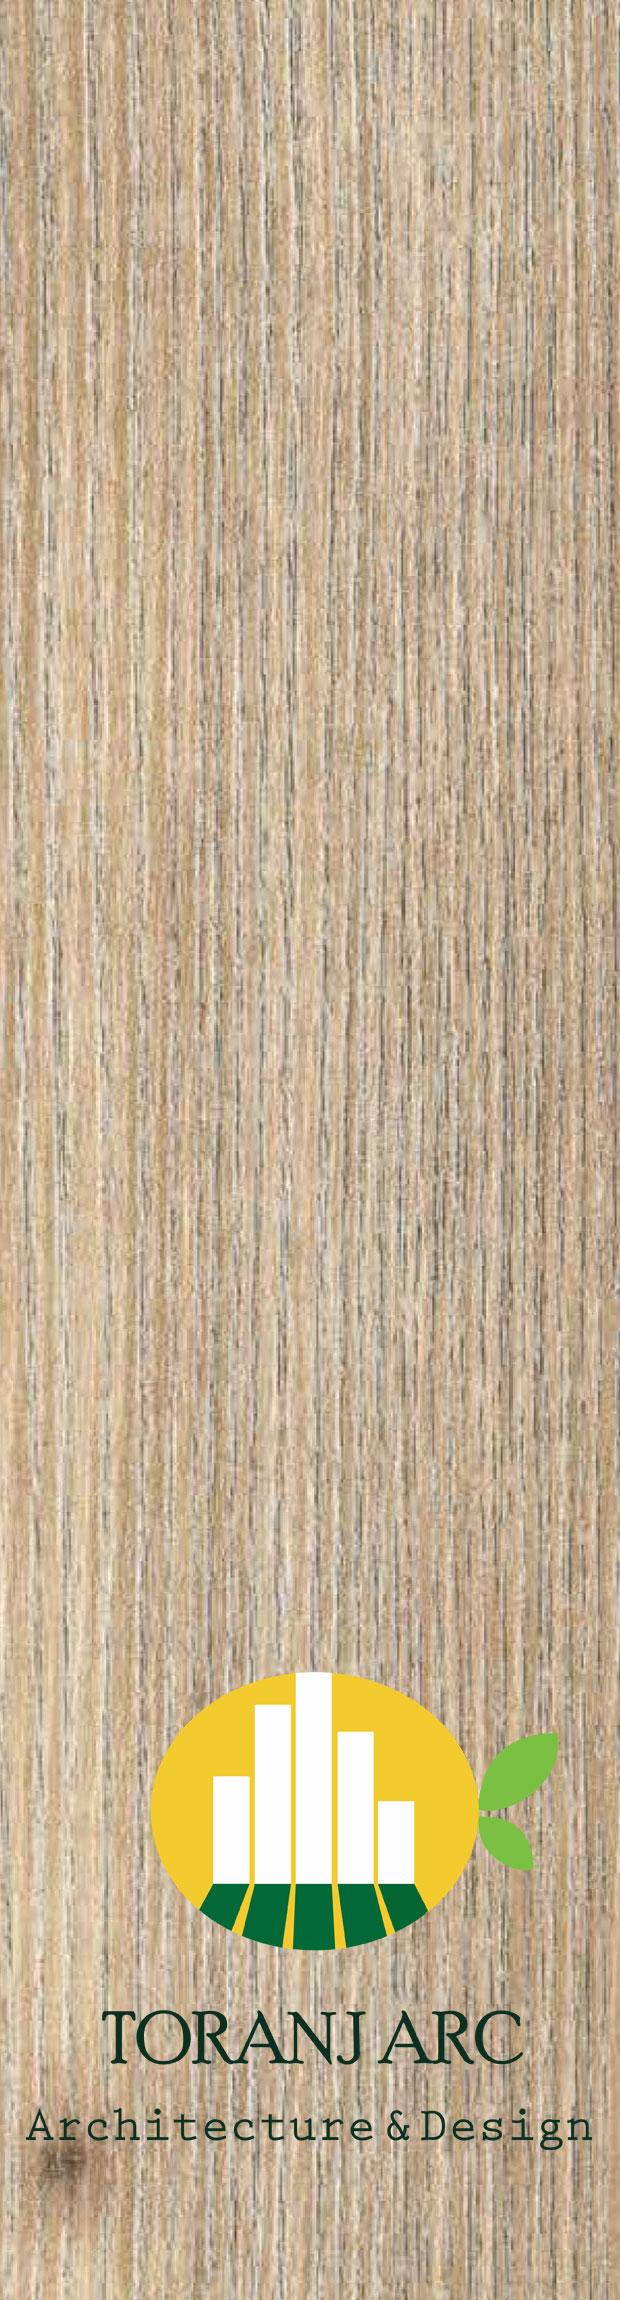 adofloor 1 3 کف پوش pvc